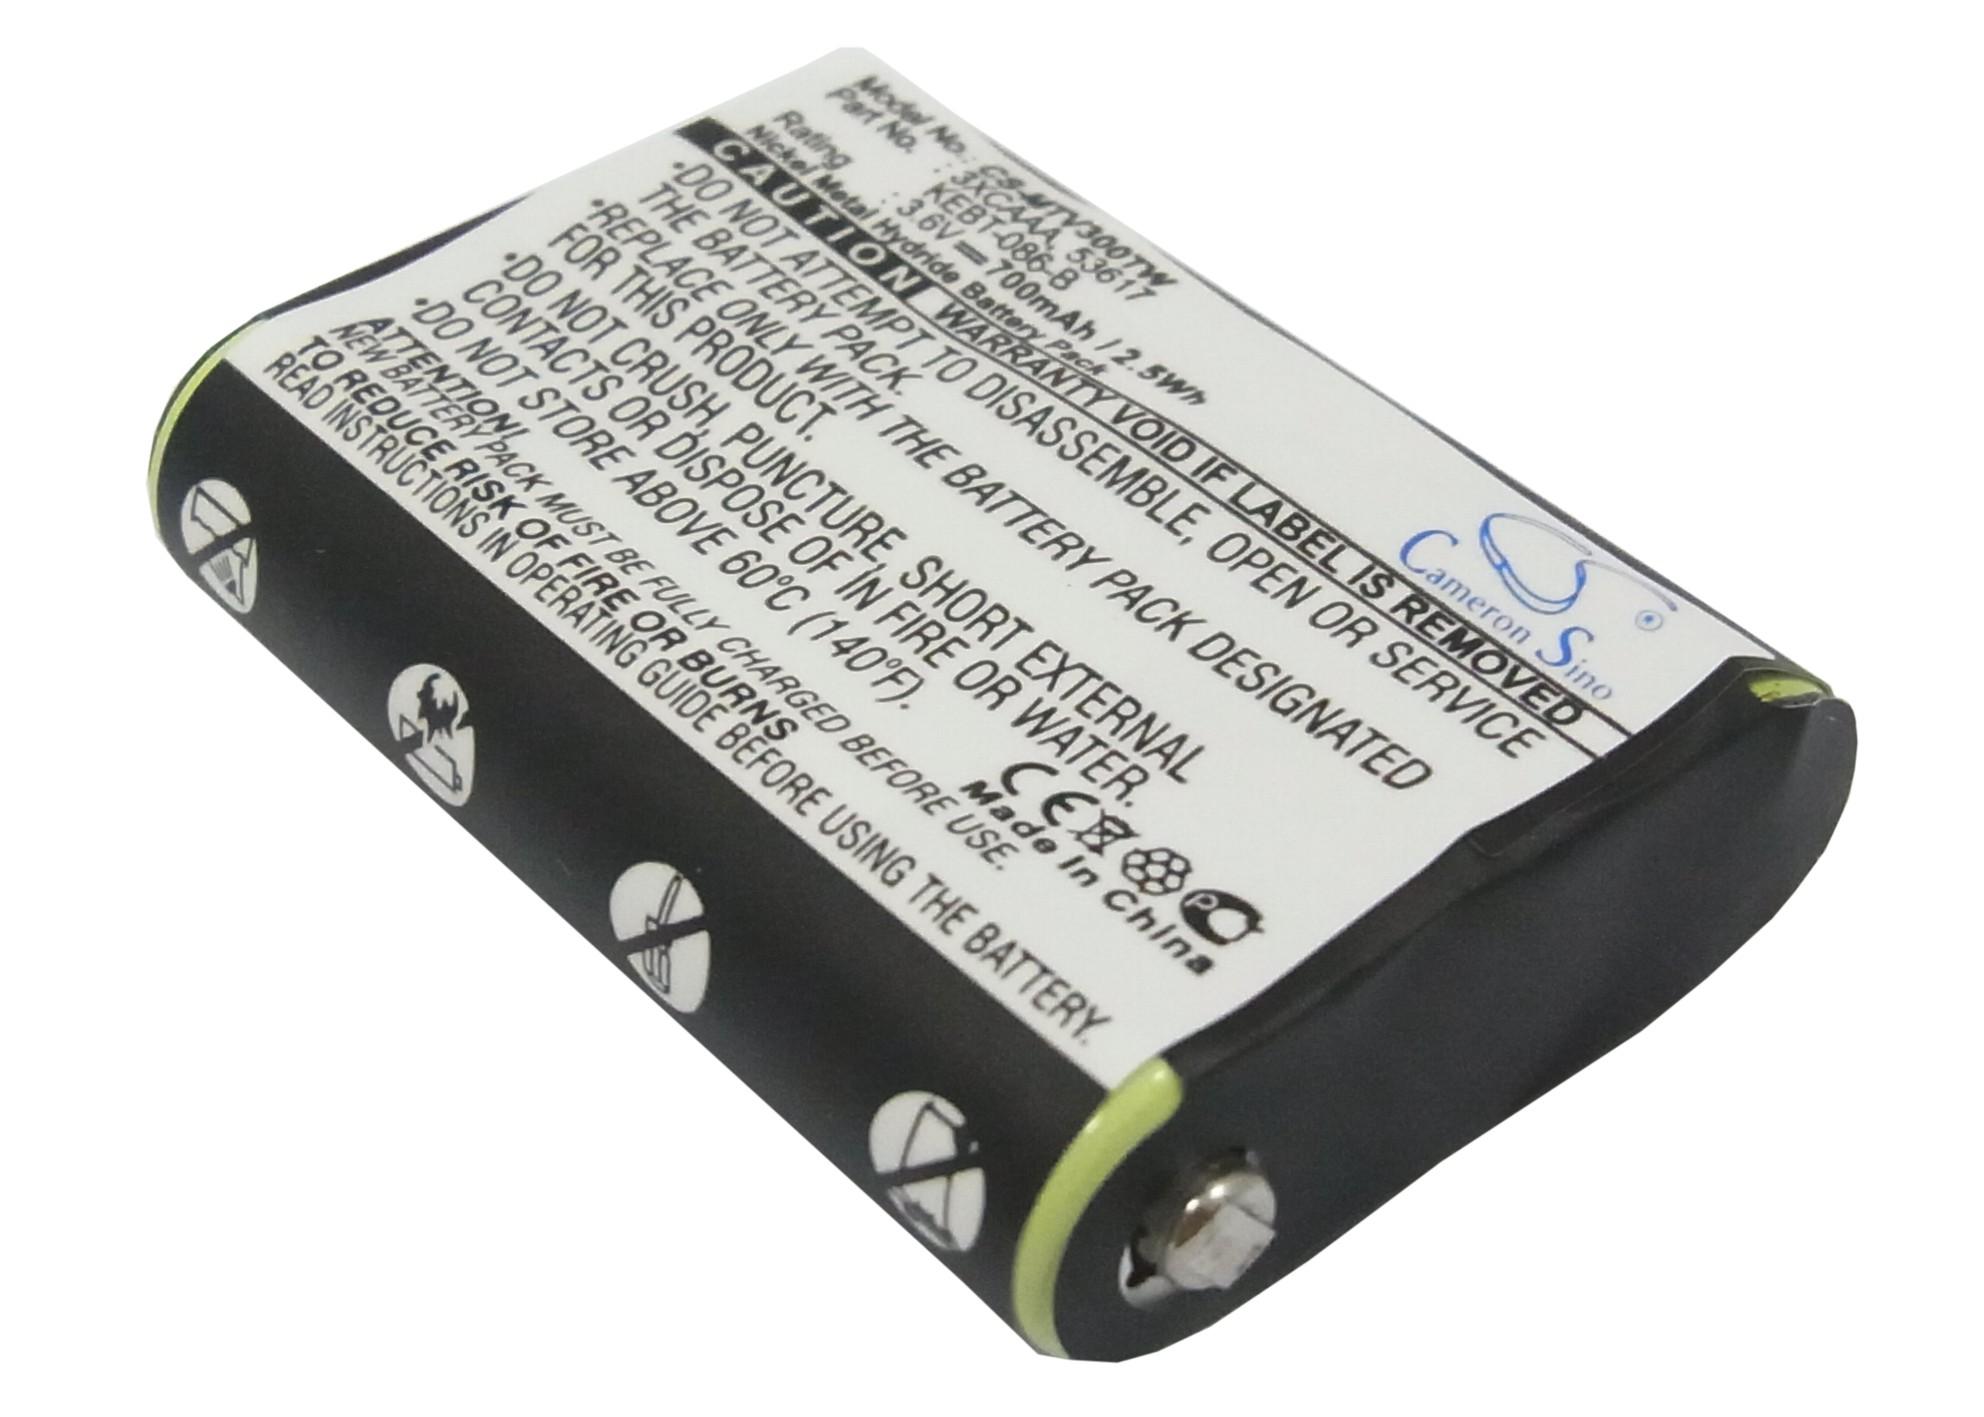 Cameron Sino baterie do vysílaček pro MOTOROLA FV700R 3.6V Ni-MH 700mAh černá - neoriginální